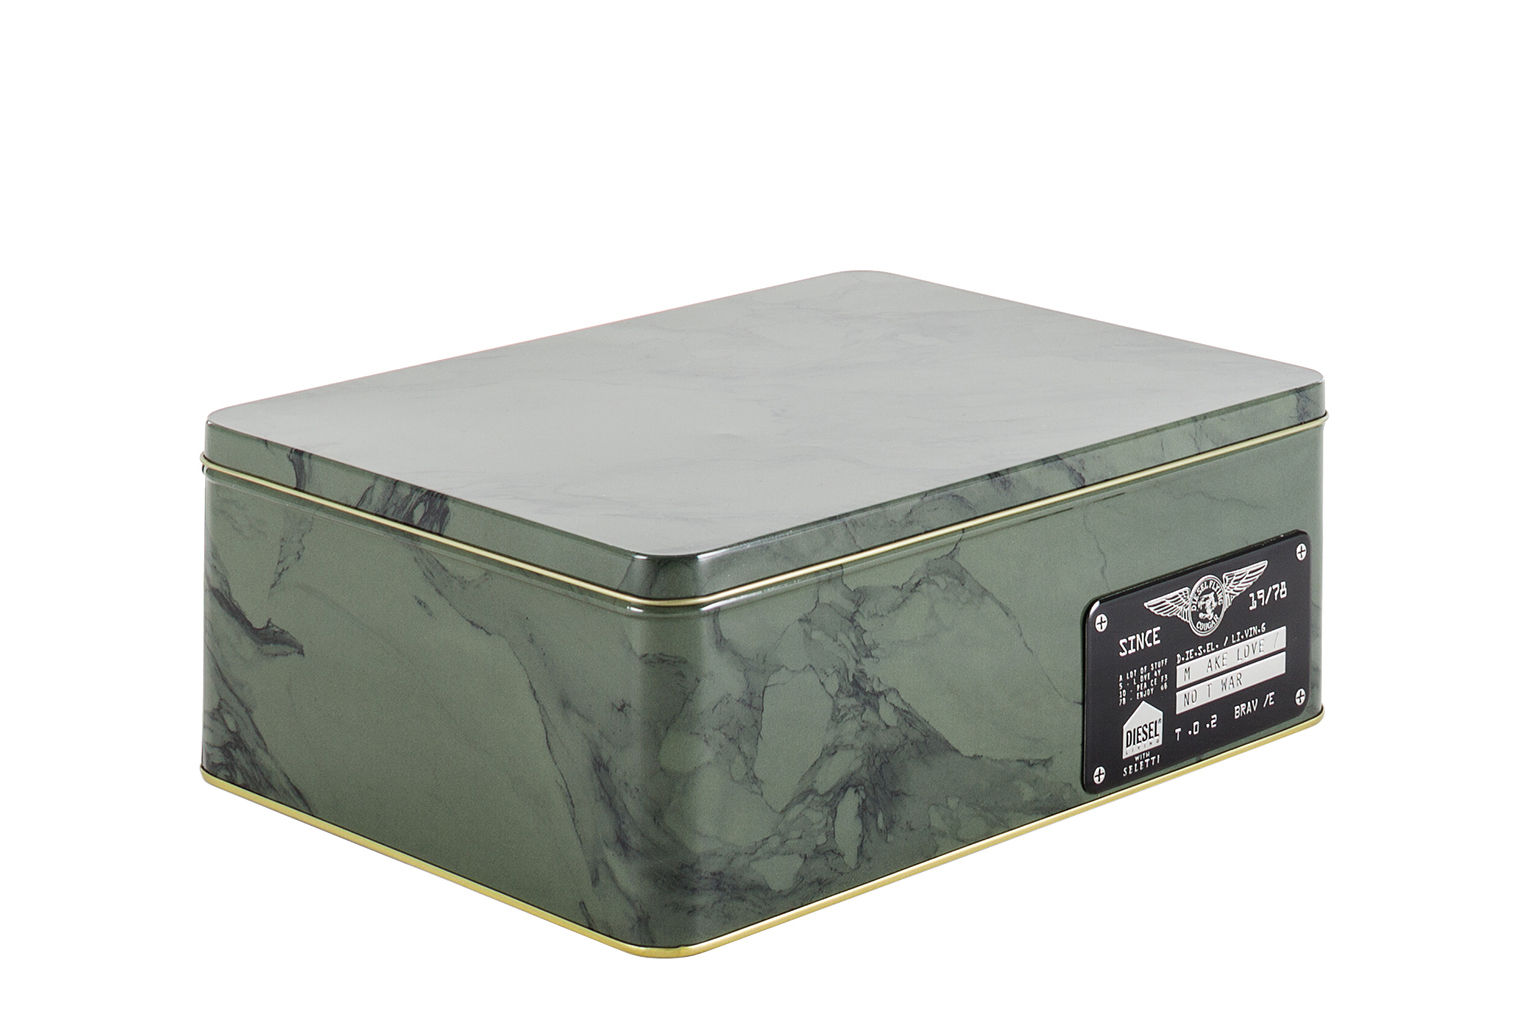 Cucina - Lattine, Pentole e Vasi - Scatola Alumarble Big - / Metallo effetto marmo di Diesel living with Seletti - Big / Kaki - Metallo